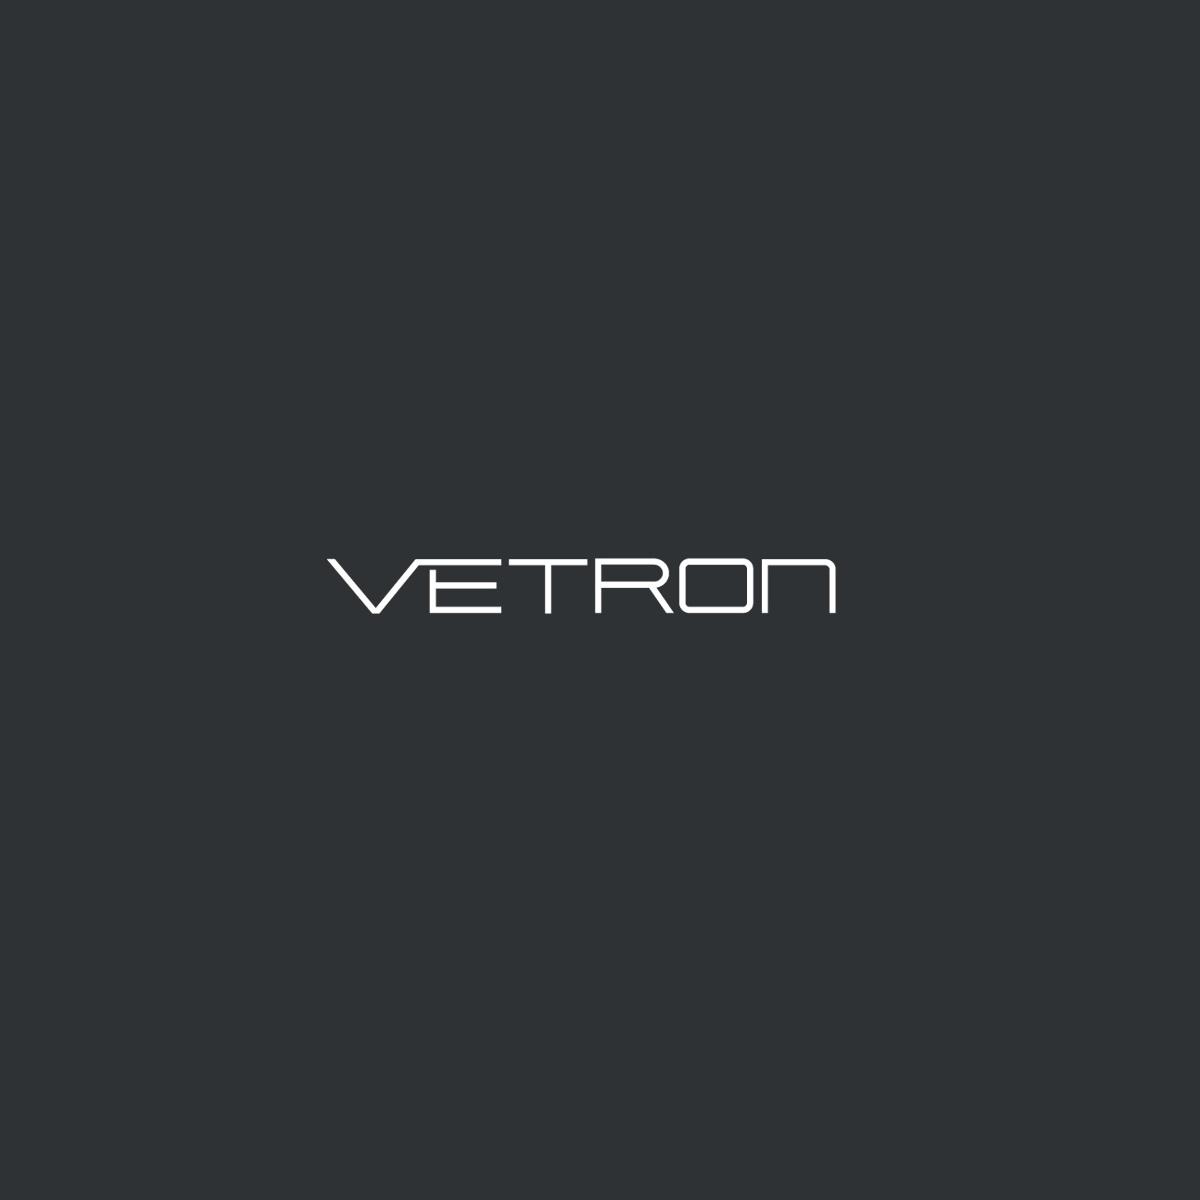 vetron_logo